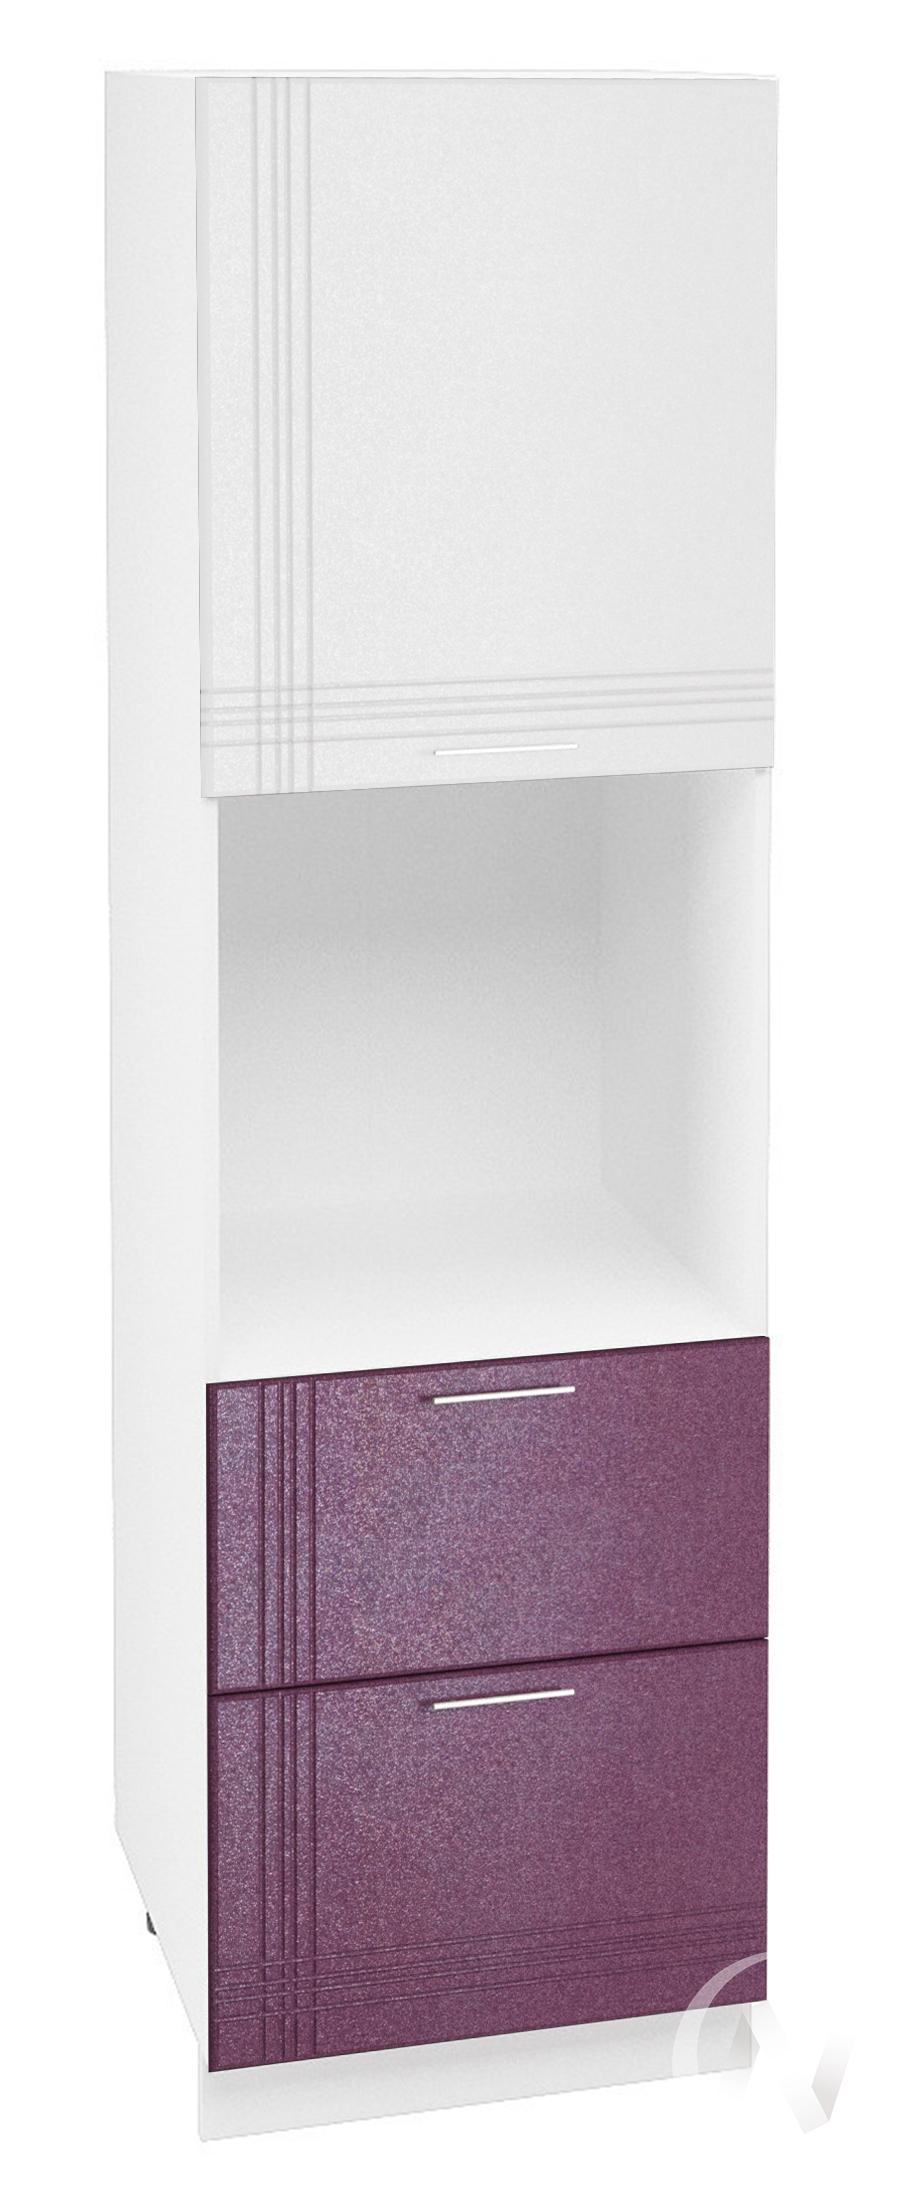 """Кухня """"Струна"""": Шкаф пенал с 2-мя ящиками 600, ШП2Я 600 (белый/фиолетовый металлик/корпус белый)"""